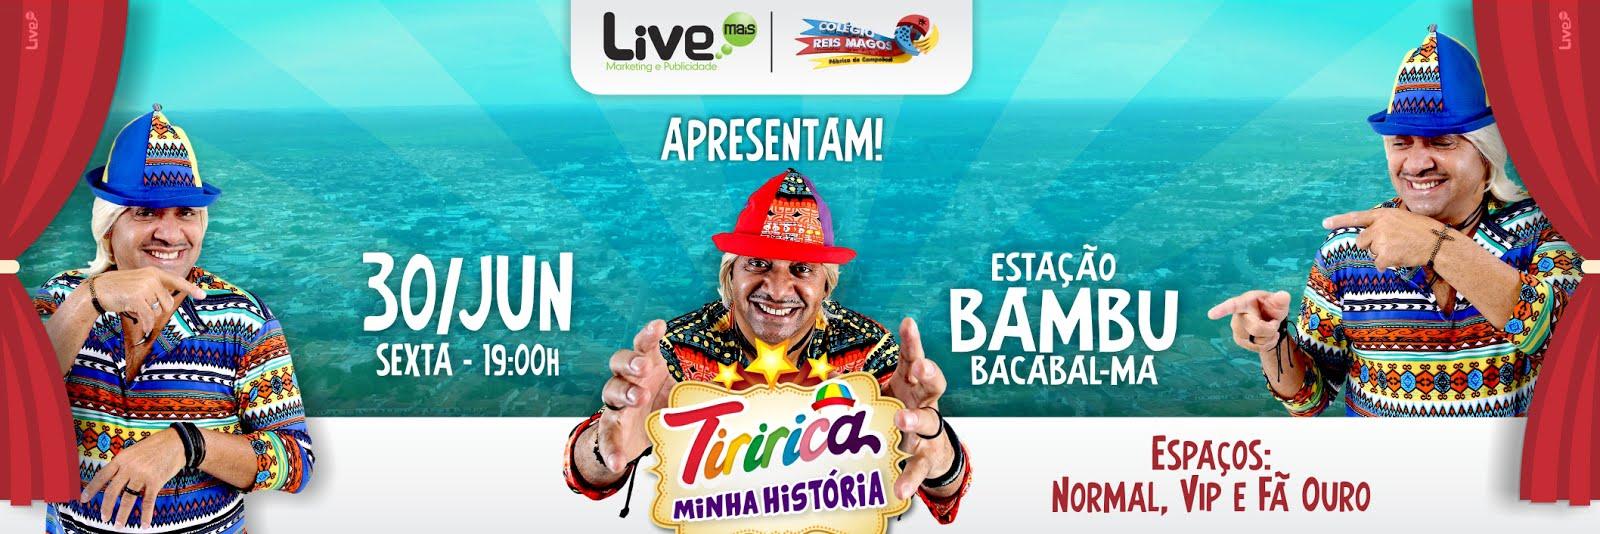 TIRIRICA EM BACABAL! 30 DE JUNHO NA ESTAÇÃO BAMBU!